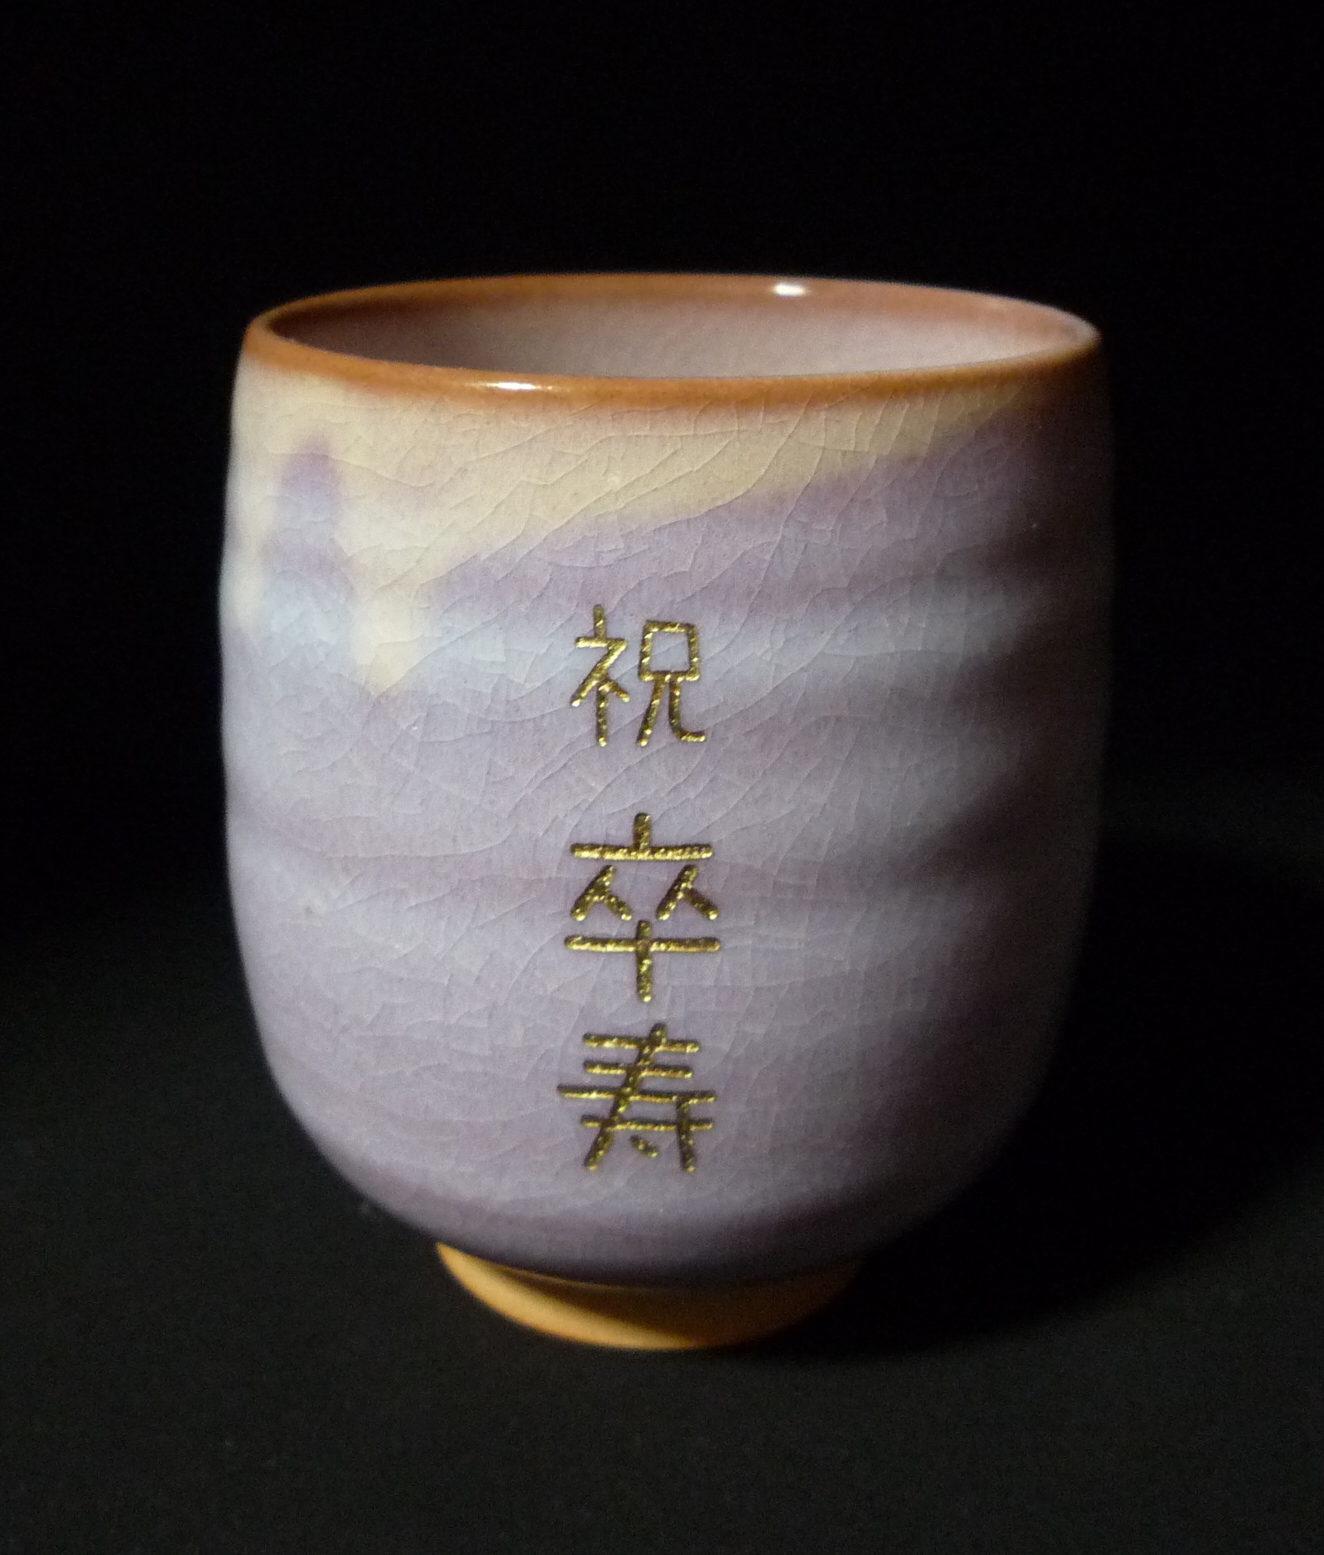 メッセージ湯呑 オリジナル湯呑 贈り物